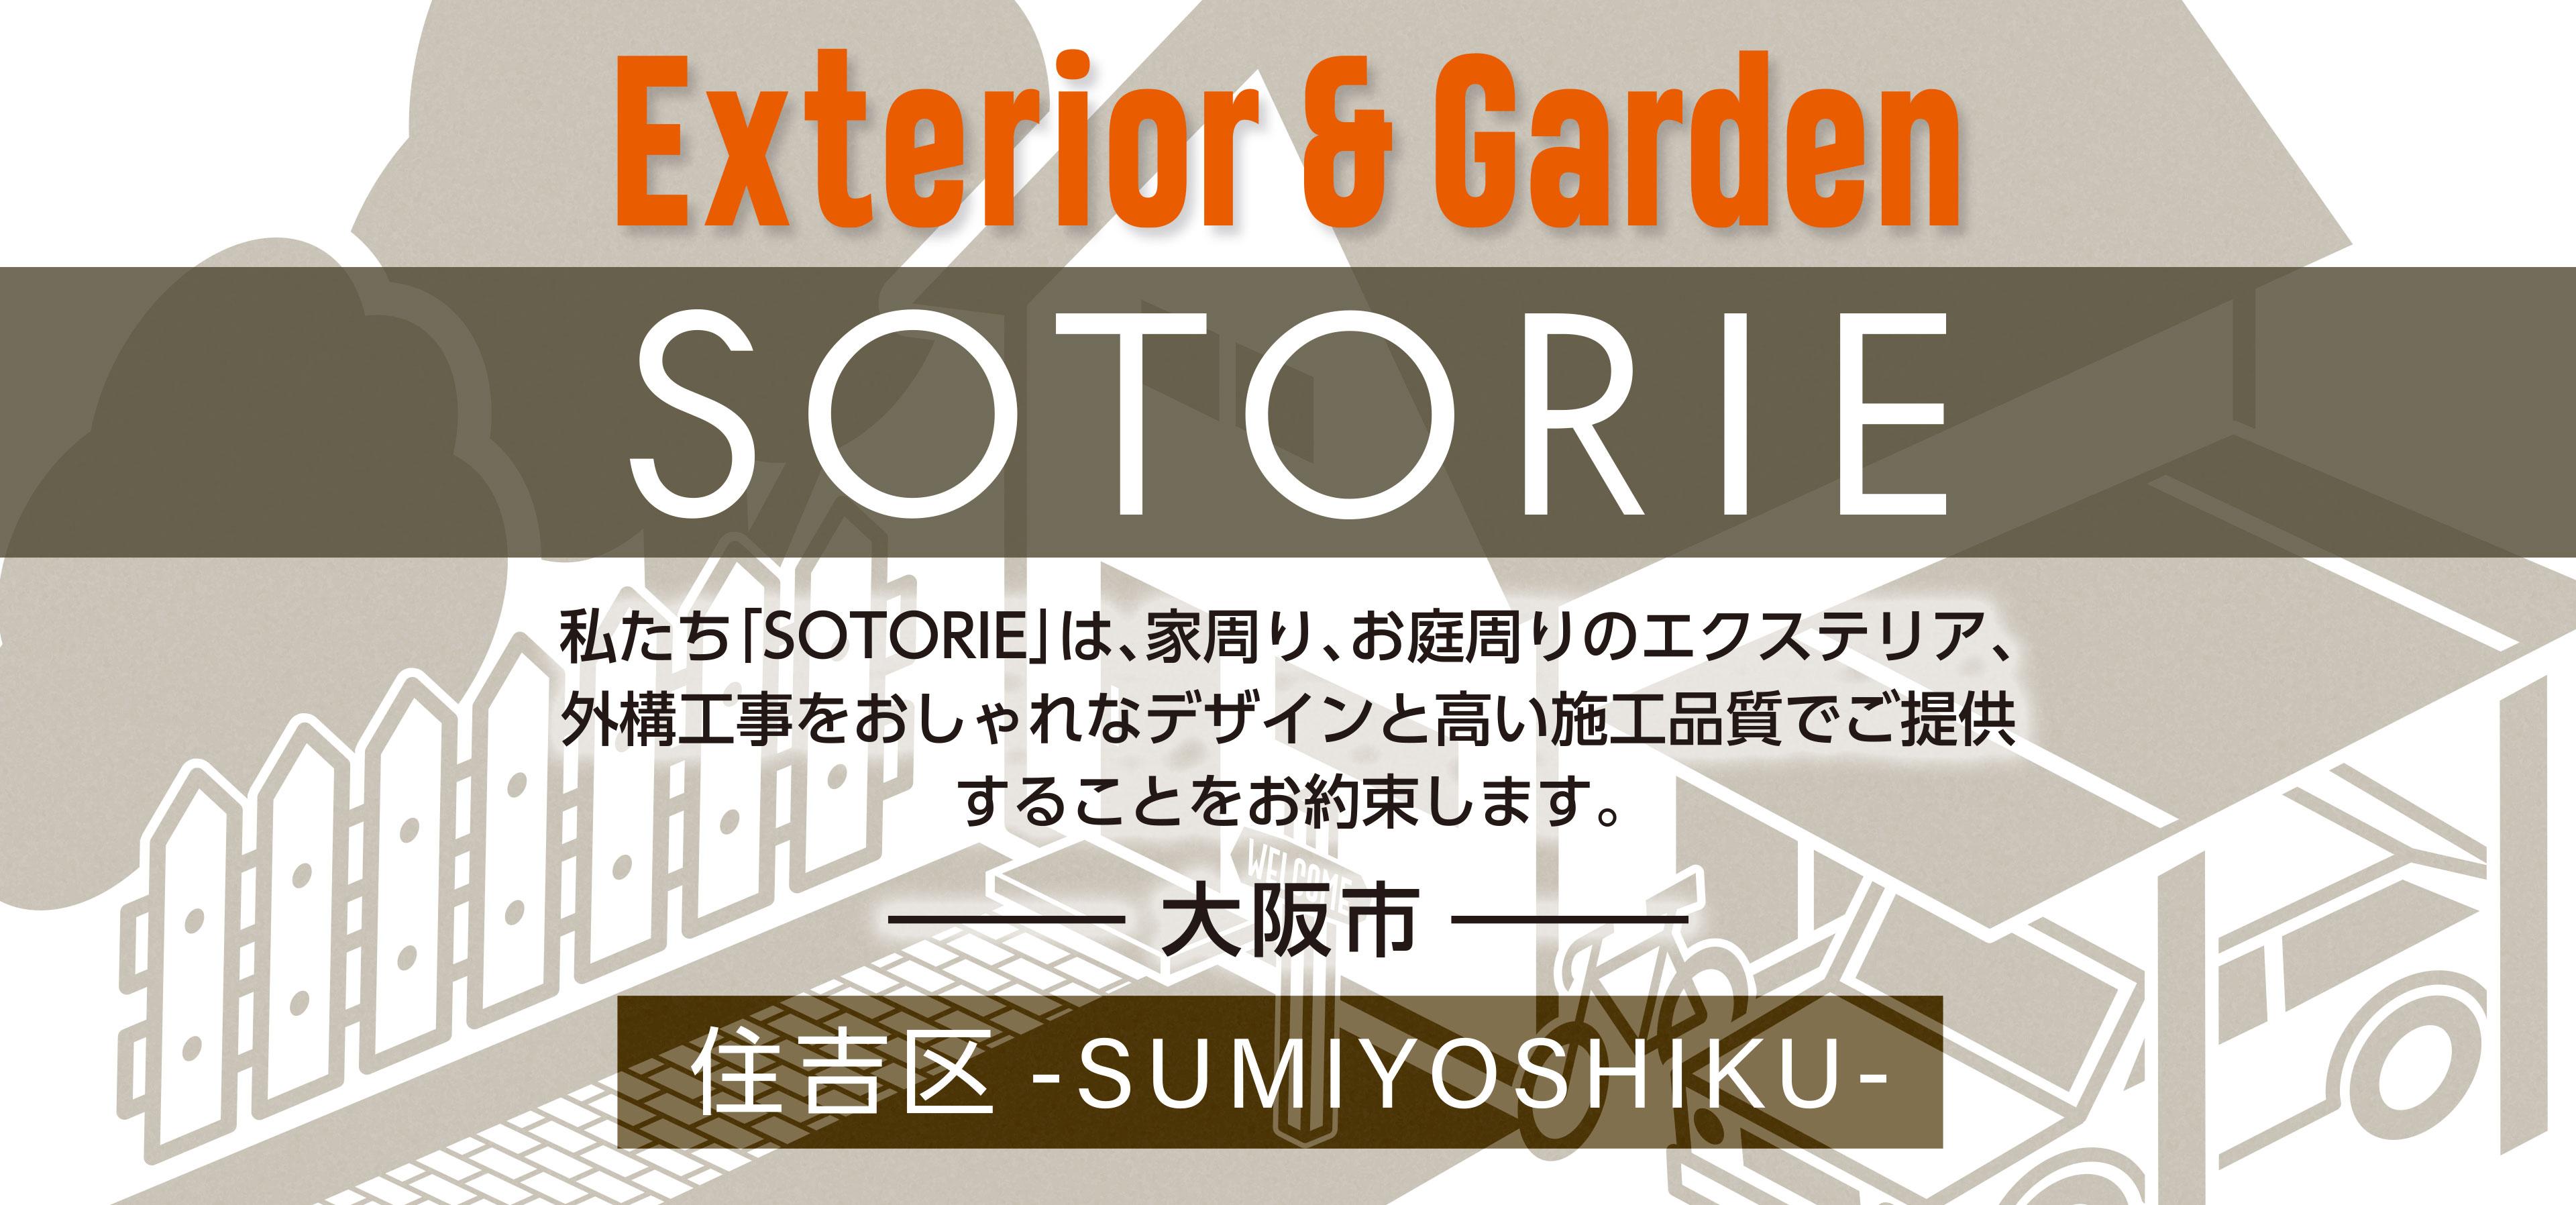 ソトリエ大阪市住吉区では、家周りと庭周りの外構、エクステリア工事をおしゃれなデザインと高い施工品質でご提供することをお約束します。